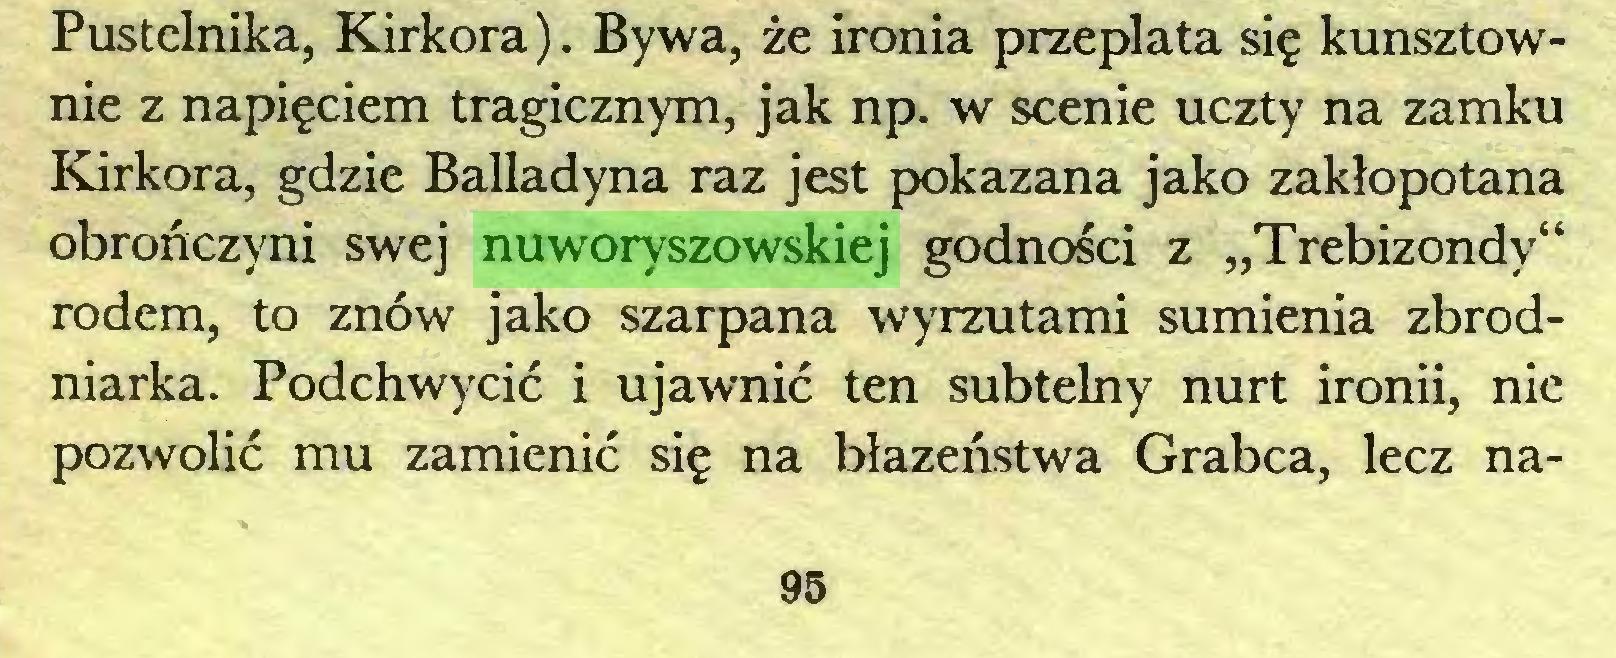 """(...) Pustelnika, Kirkora). Bywa, że ironia przeplata się kunsztownie z napięciem tragicznym, jak np. w scenie uczty na zamku Kirkora, gdzie Balladyna raz jest pokazana jako zakłopotana obrończyni swej nuworyszowskiej godności z """"Trebizondy"""" rodem, to znów jako szarpana wyrzutami sumienia zbrodniarka. Podchwycić i ujawnić ten subtelny nurt ironii, nie pozwolić mu zamienić się na błazeństwa Grabca, lecz na95..."""